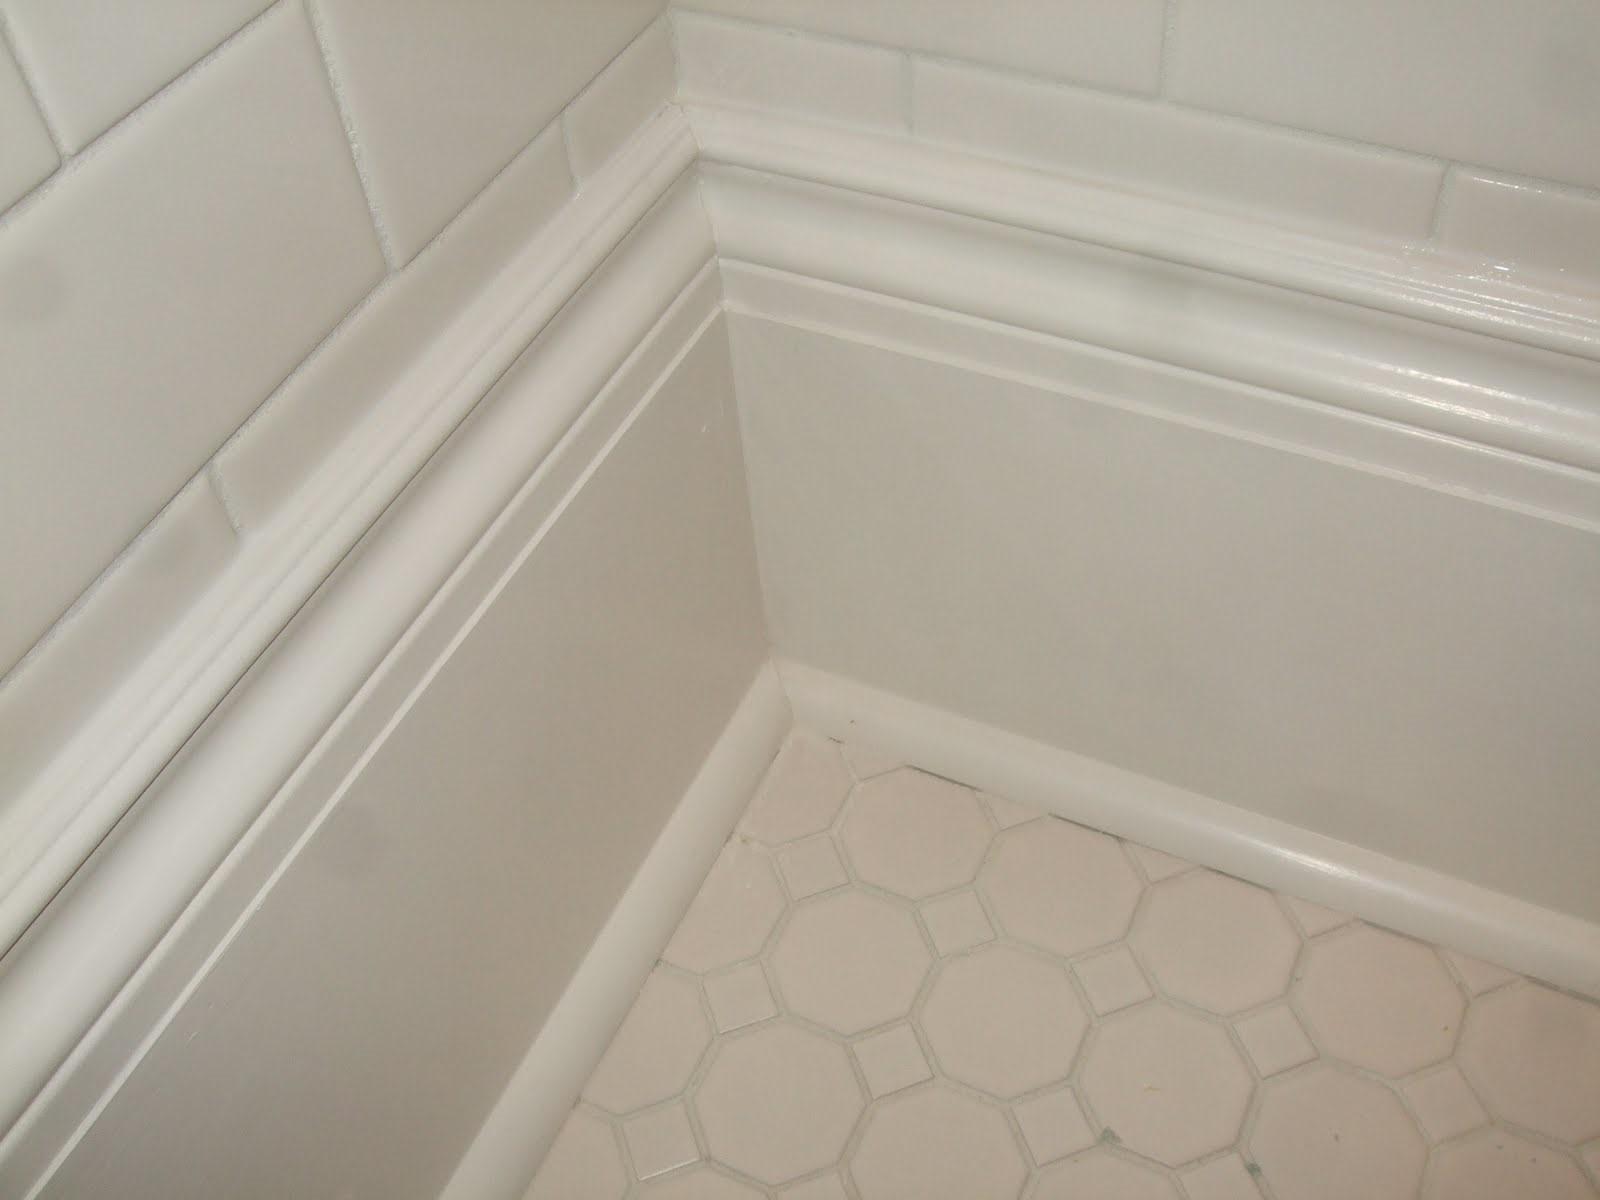 Плинтусы для ванной: напольные детали, потолочные галтели и герметизирующие бордюры для ванн